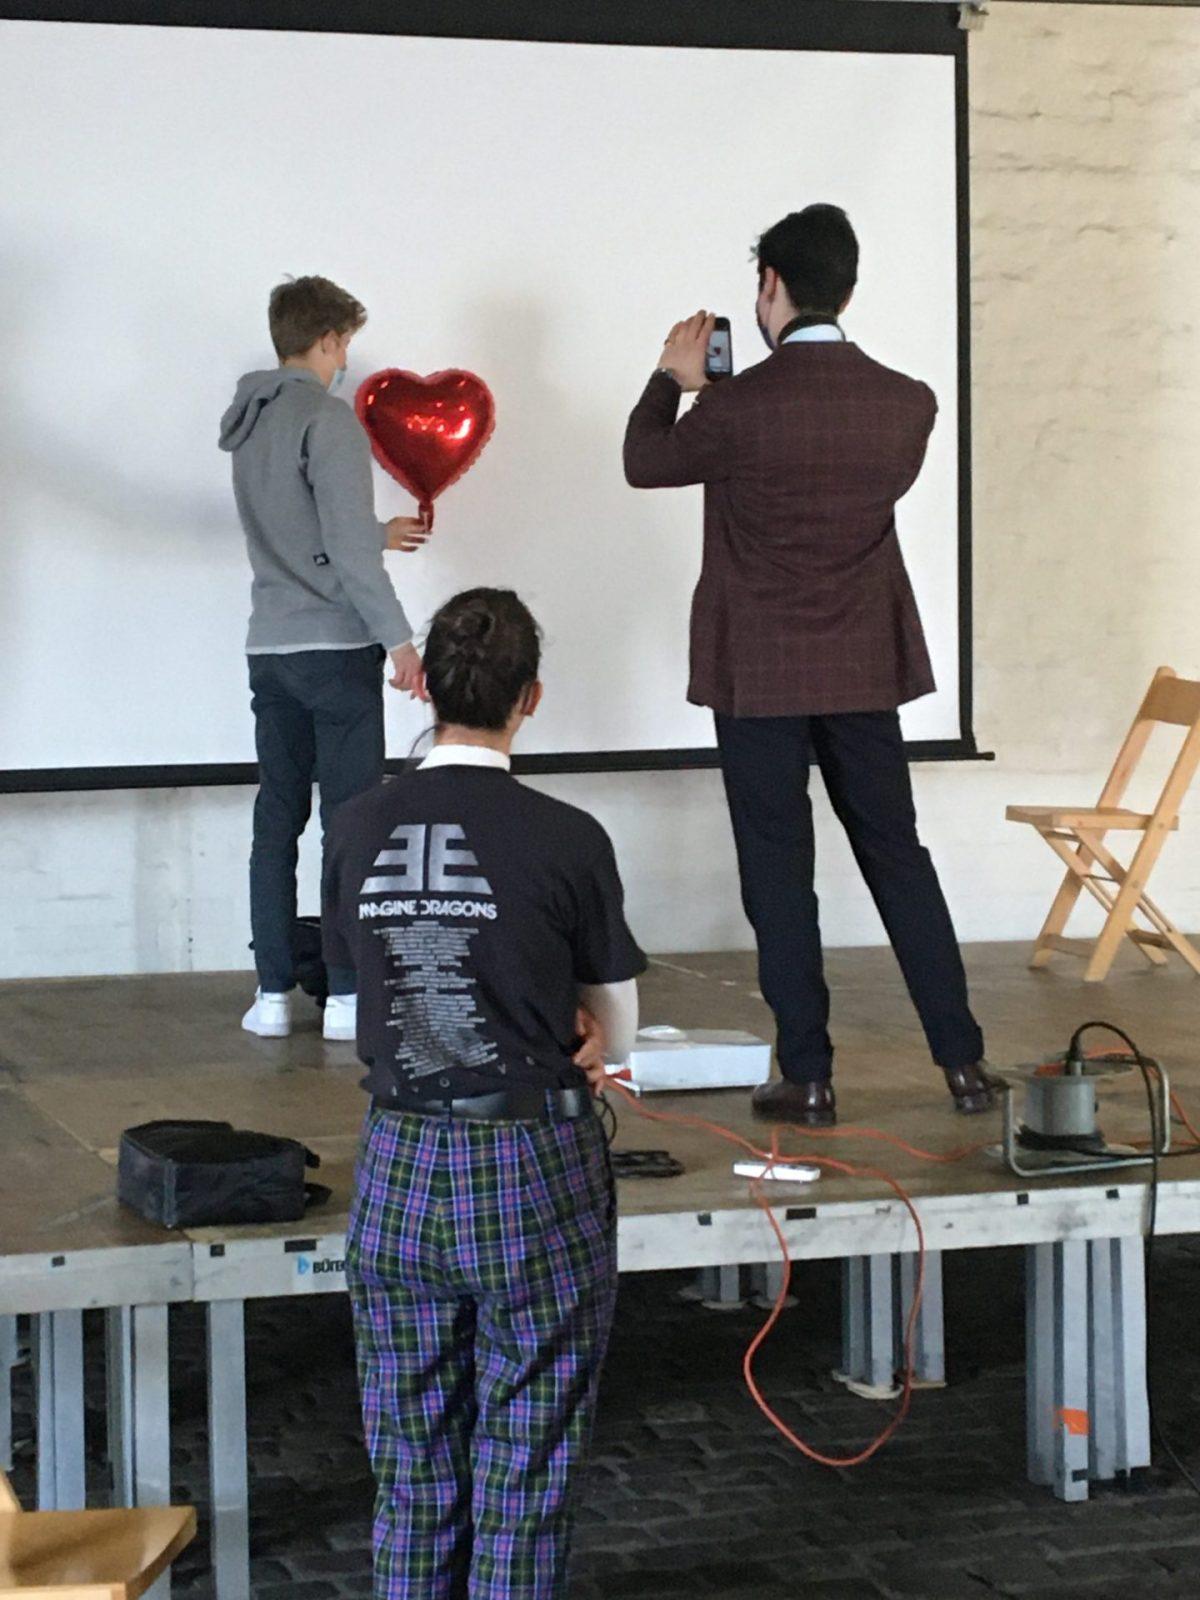 das Thema Liebe in Videoschnipseln